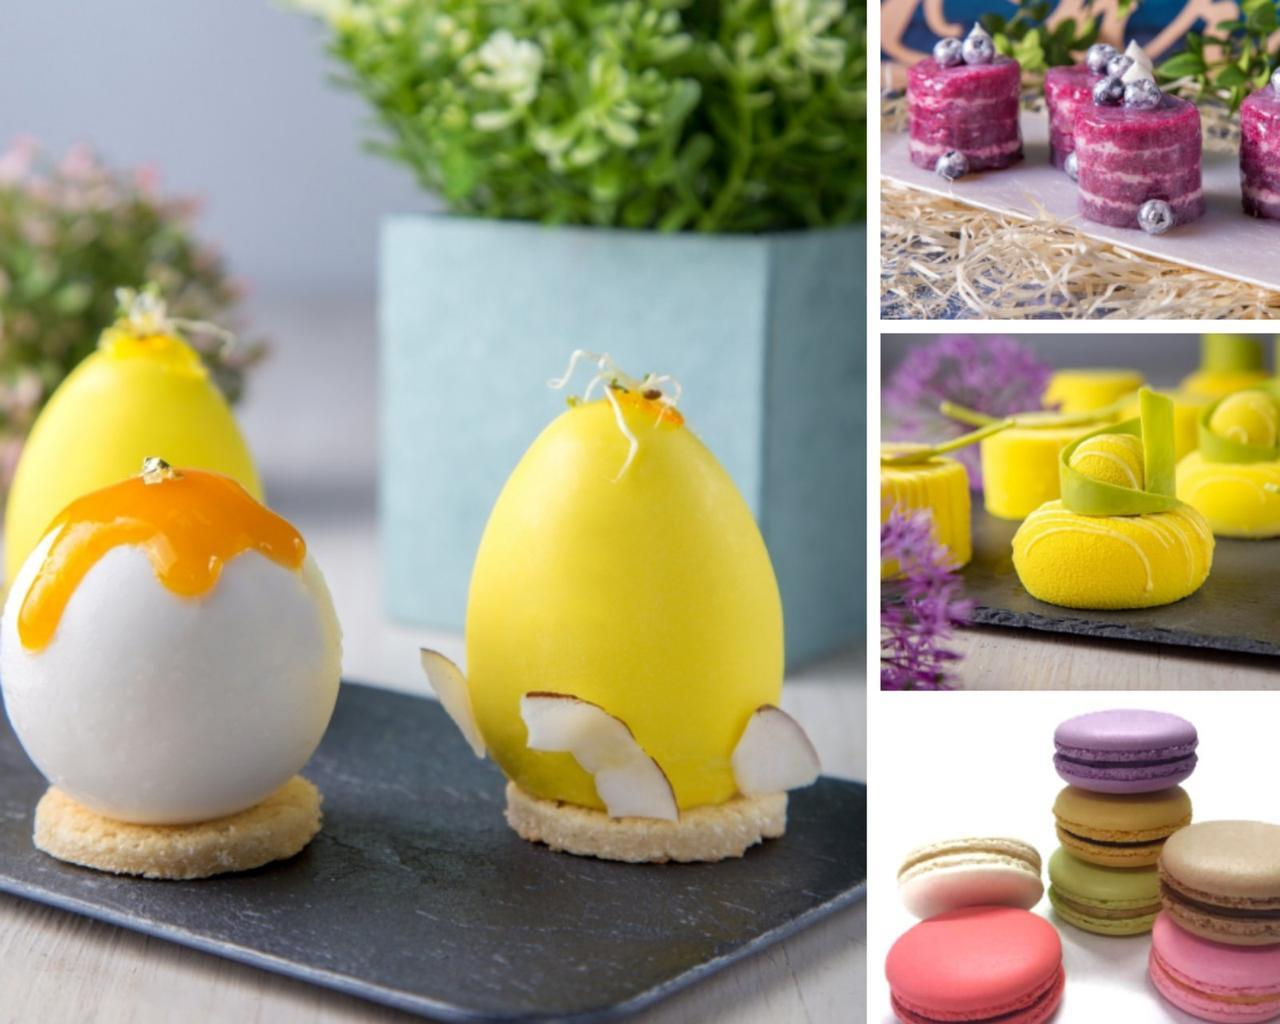 Авторский МК «Веганские десерты и постные десерты» 4 апреля 20г.